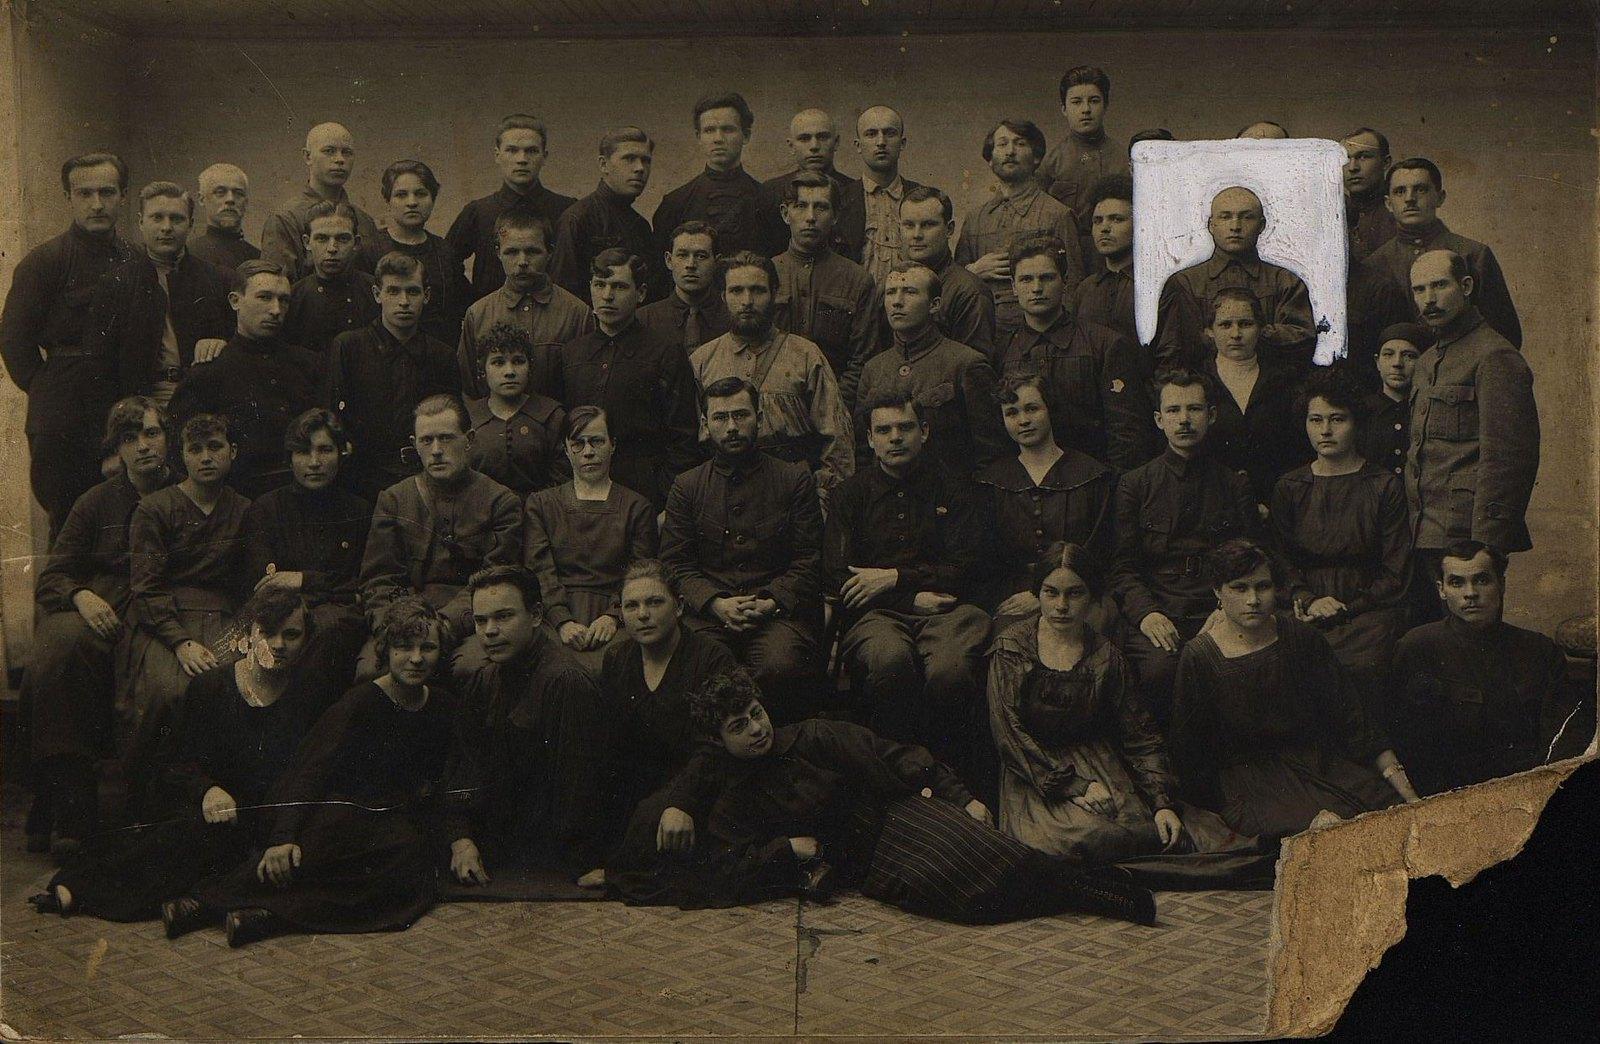 1923-1924. Сотрудники Амурского ОГПУ. Благовещенск